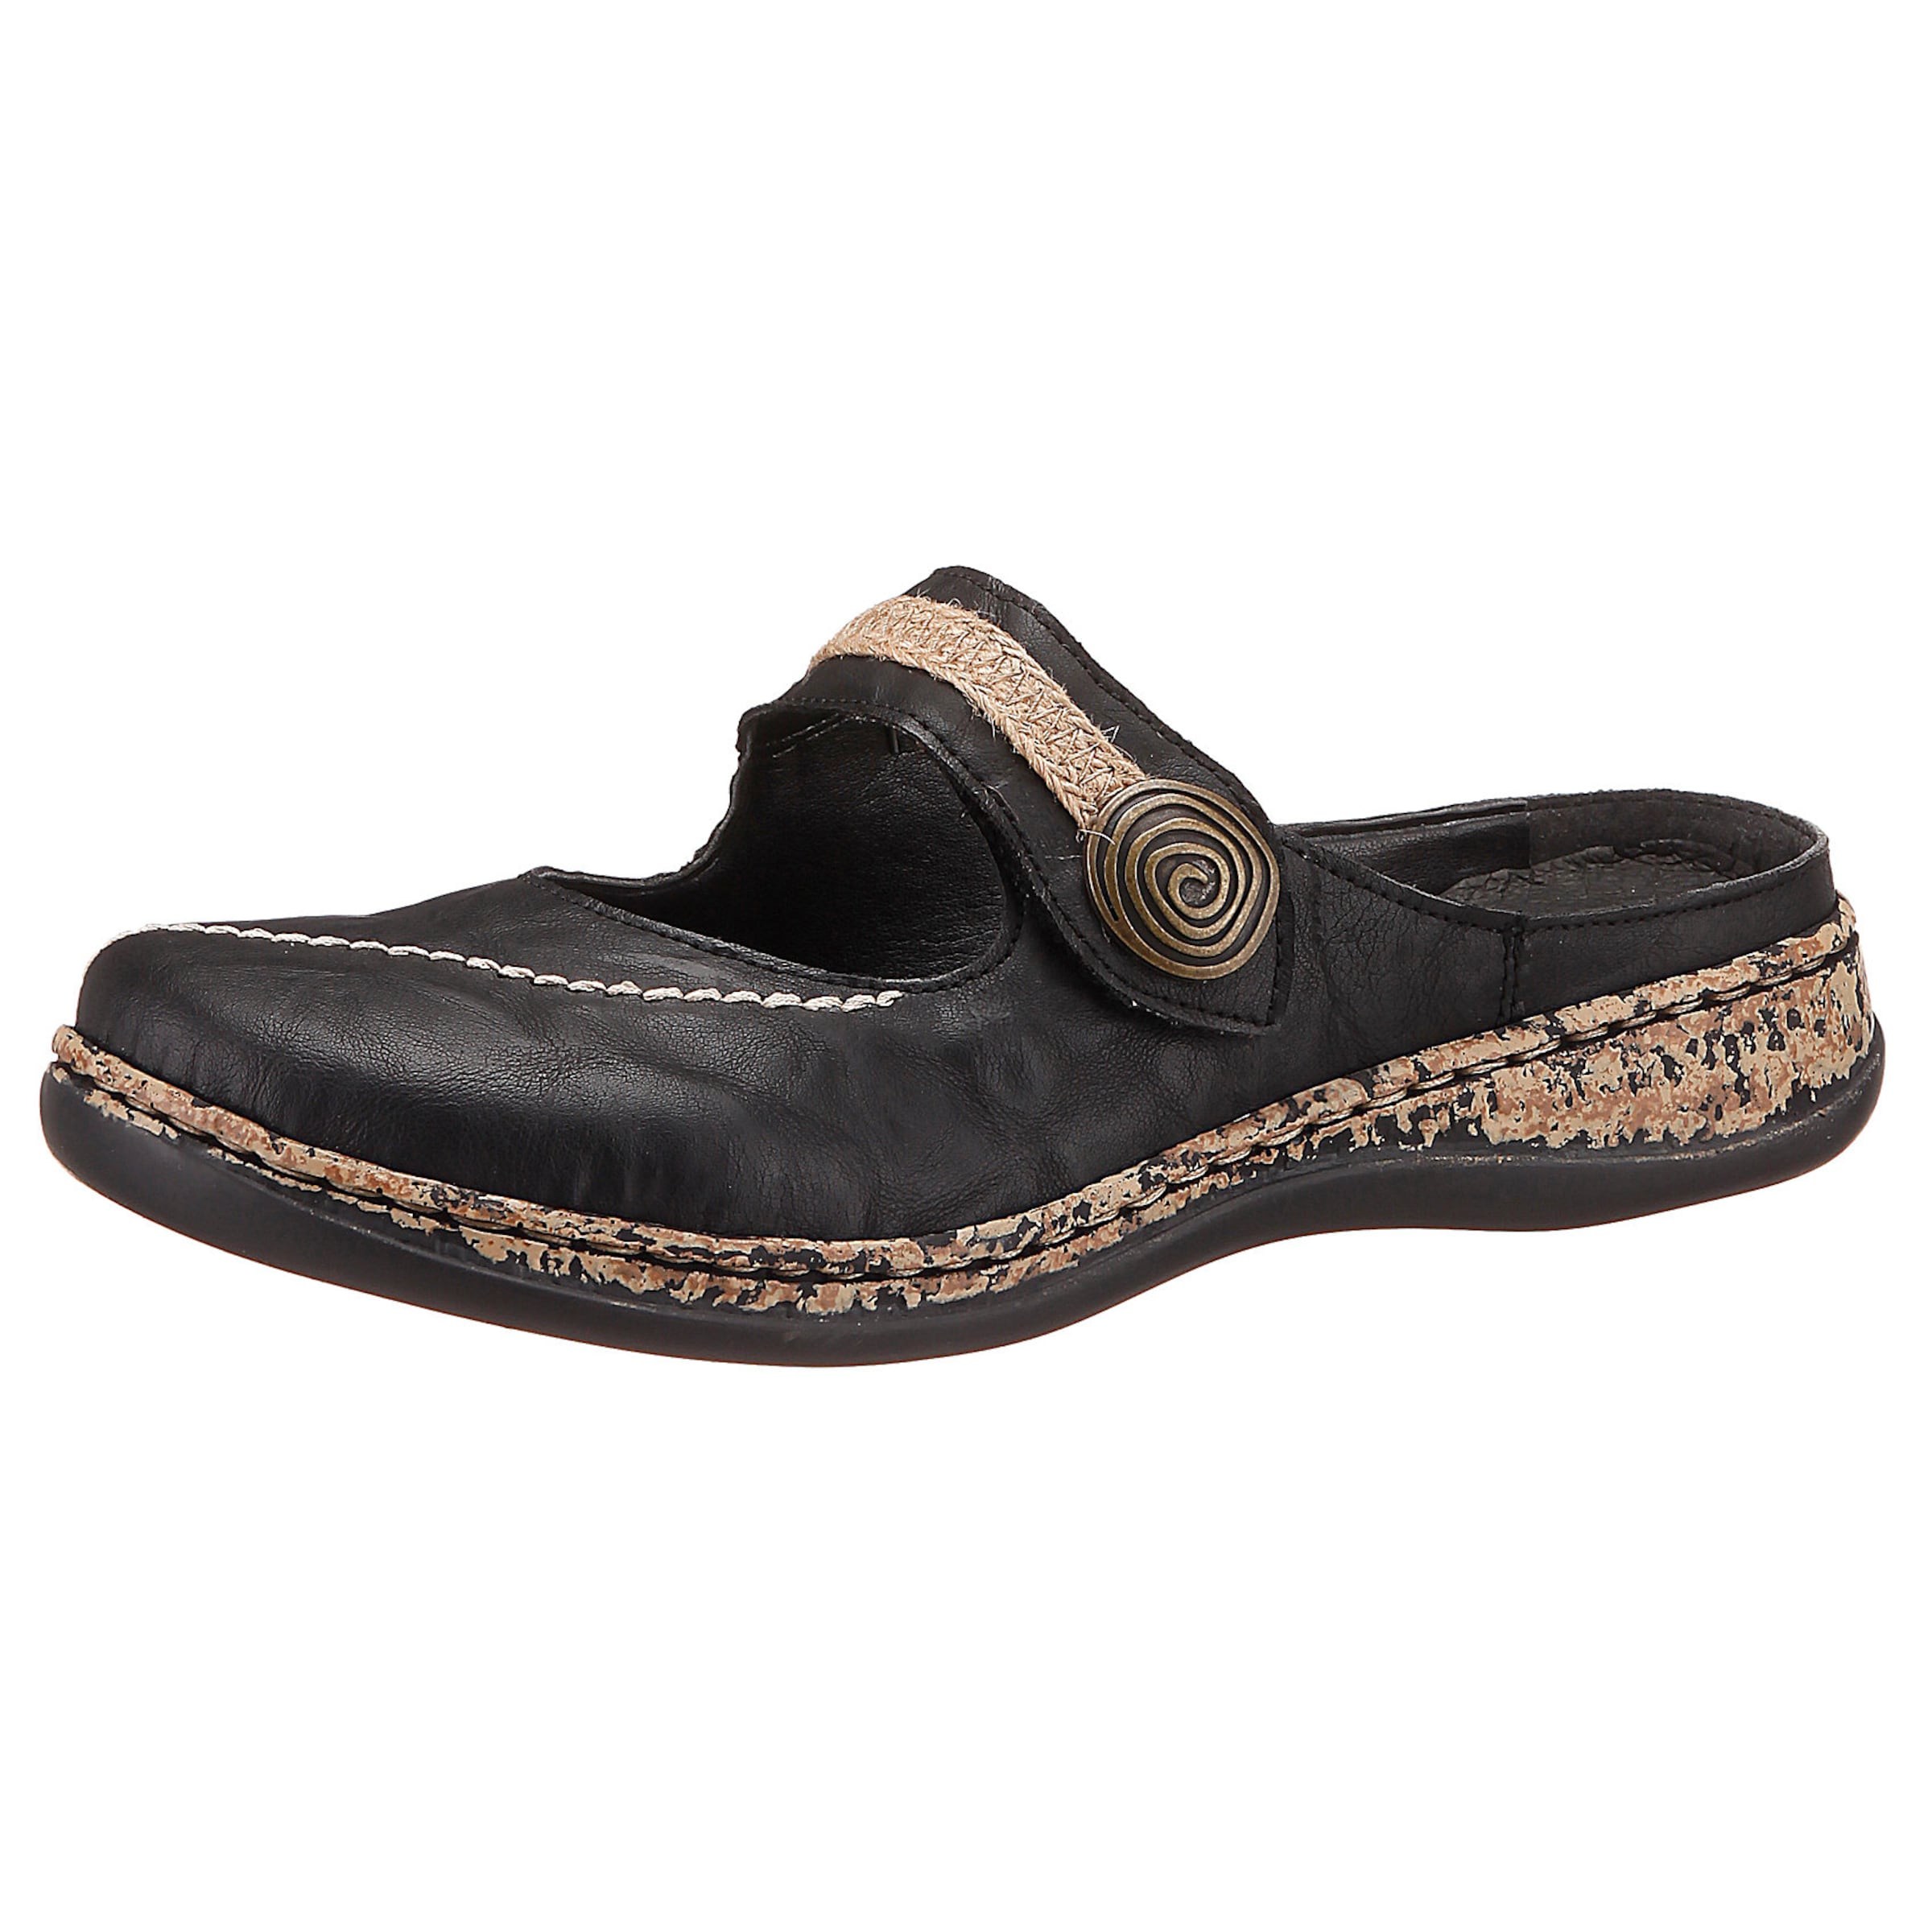 RIEKER Bequeme Pantoletten Günstige und langlebige Schuhe